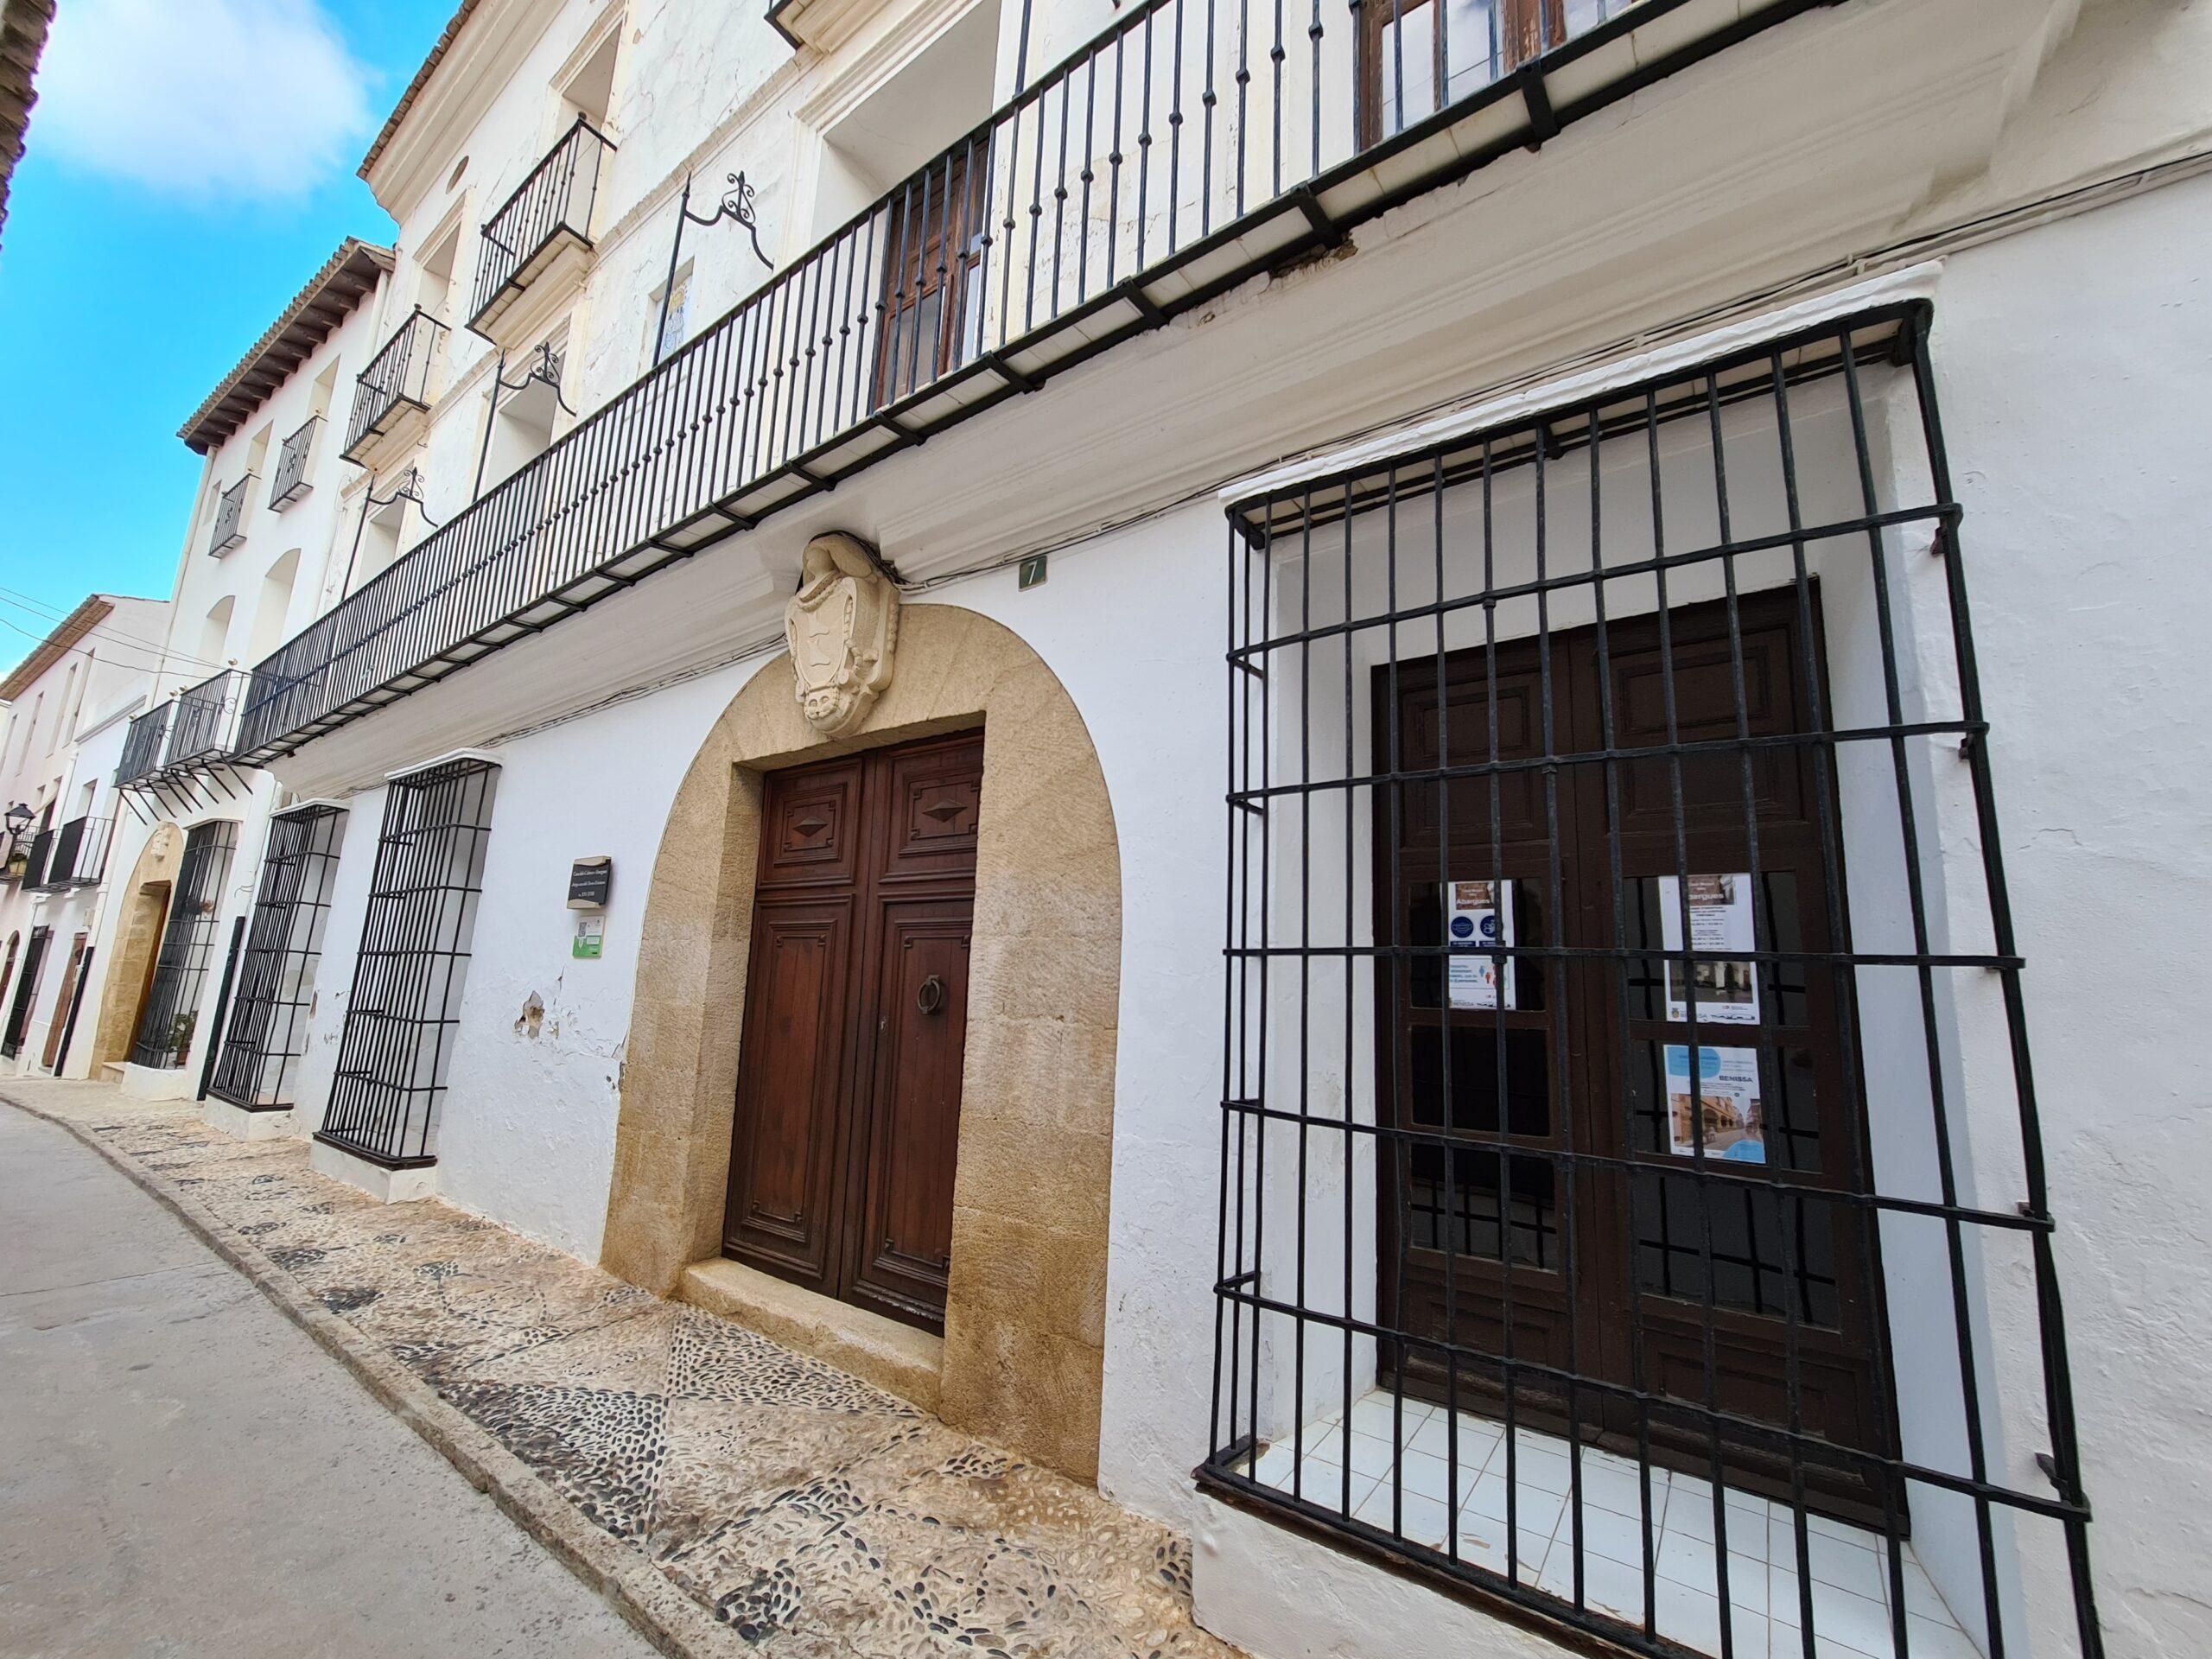 Casa Museu dels Abargues